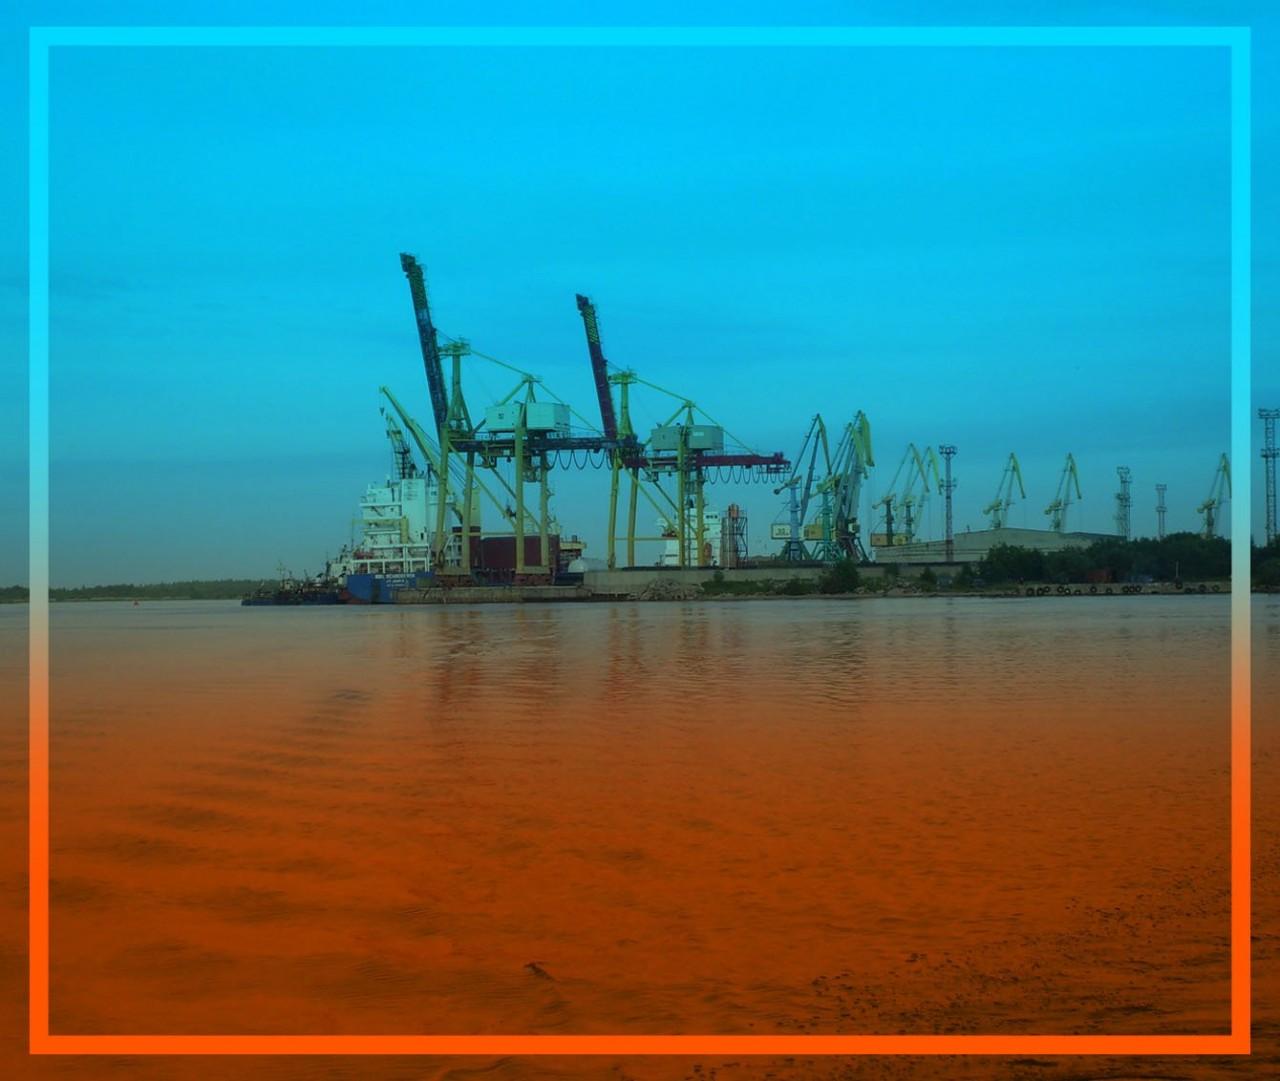 Российские ворота в Арктику: порт Архангельска перехватит грузы из Украины и Прибалтики